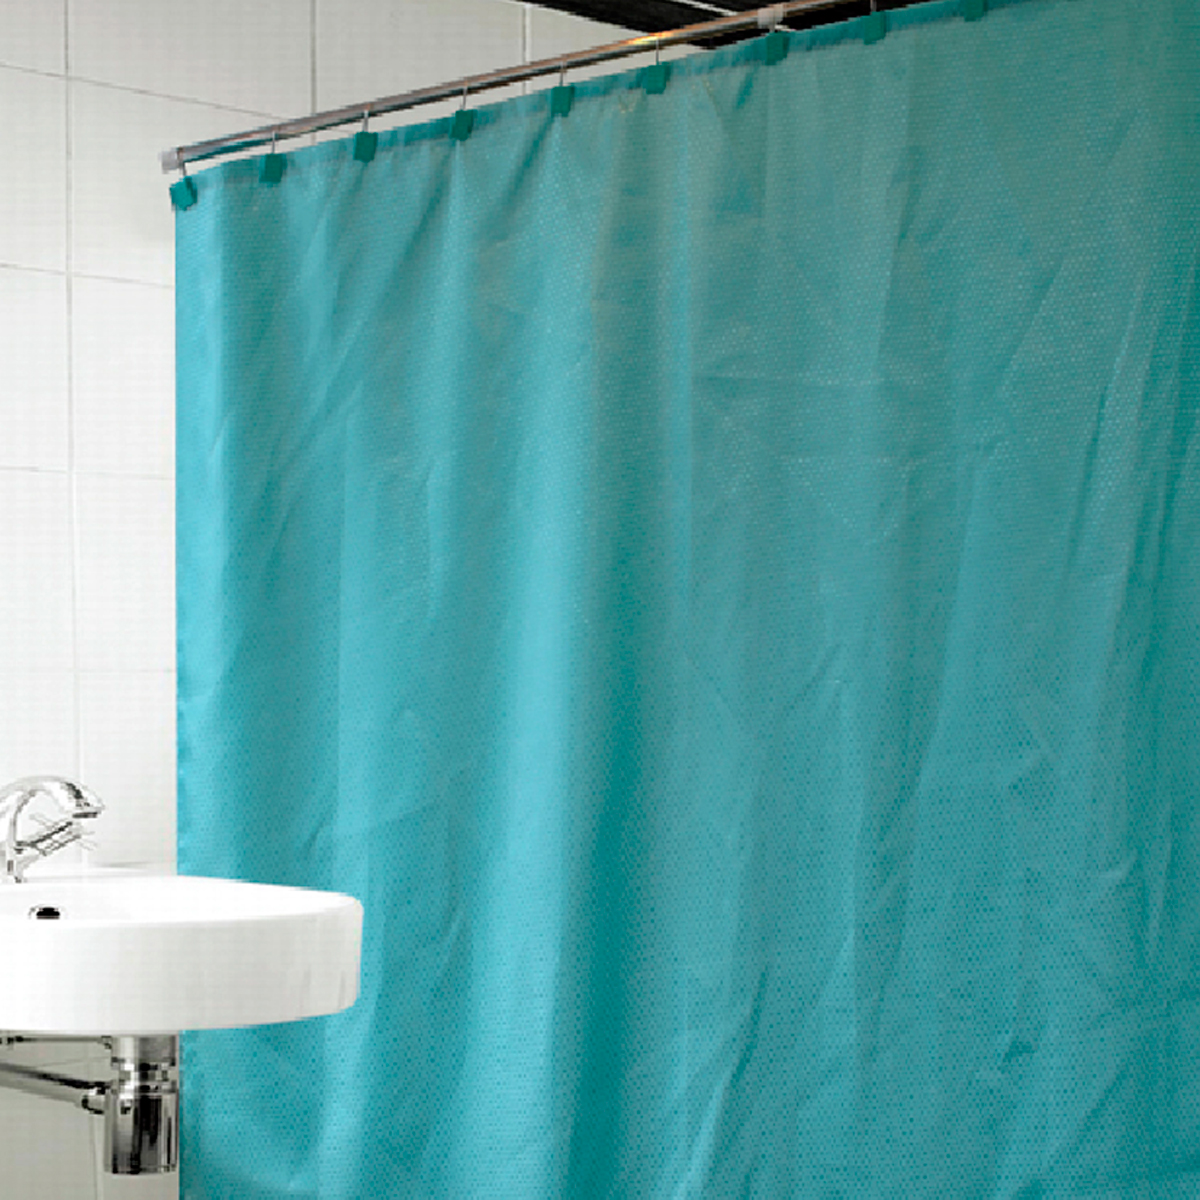 Купить Шторы и карнизы Arya, Шторы для ванной Celeste Цвет: Зеленый, Турция, Полиэстер